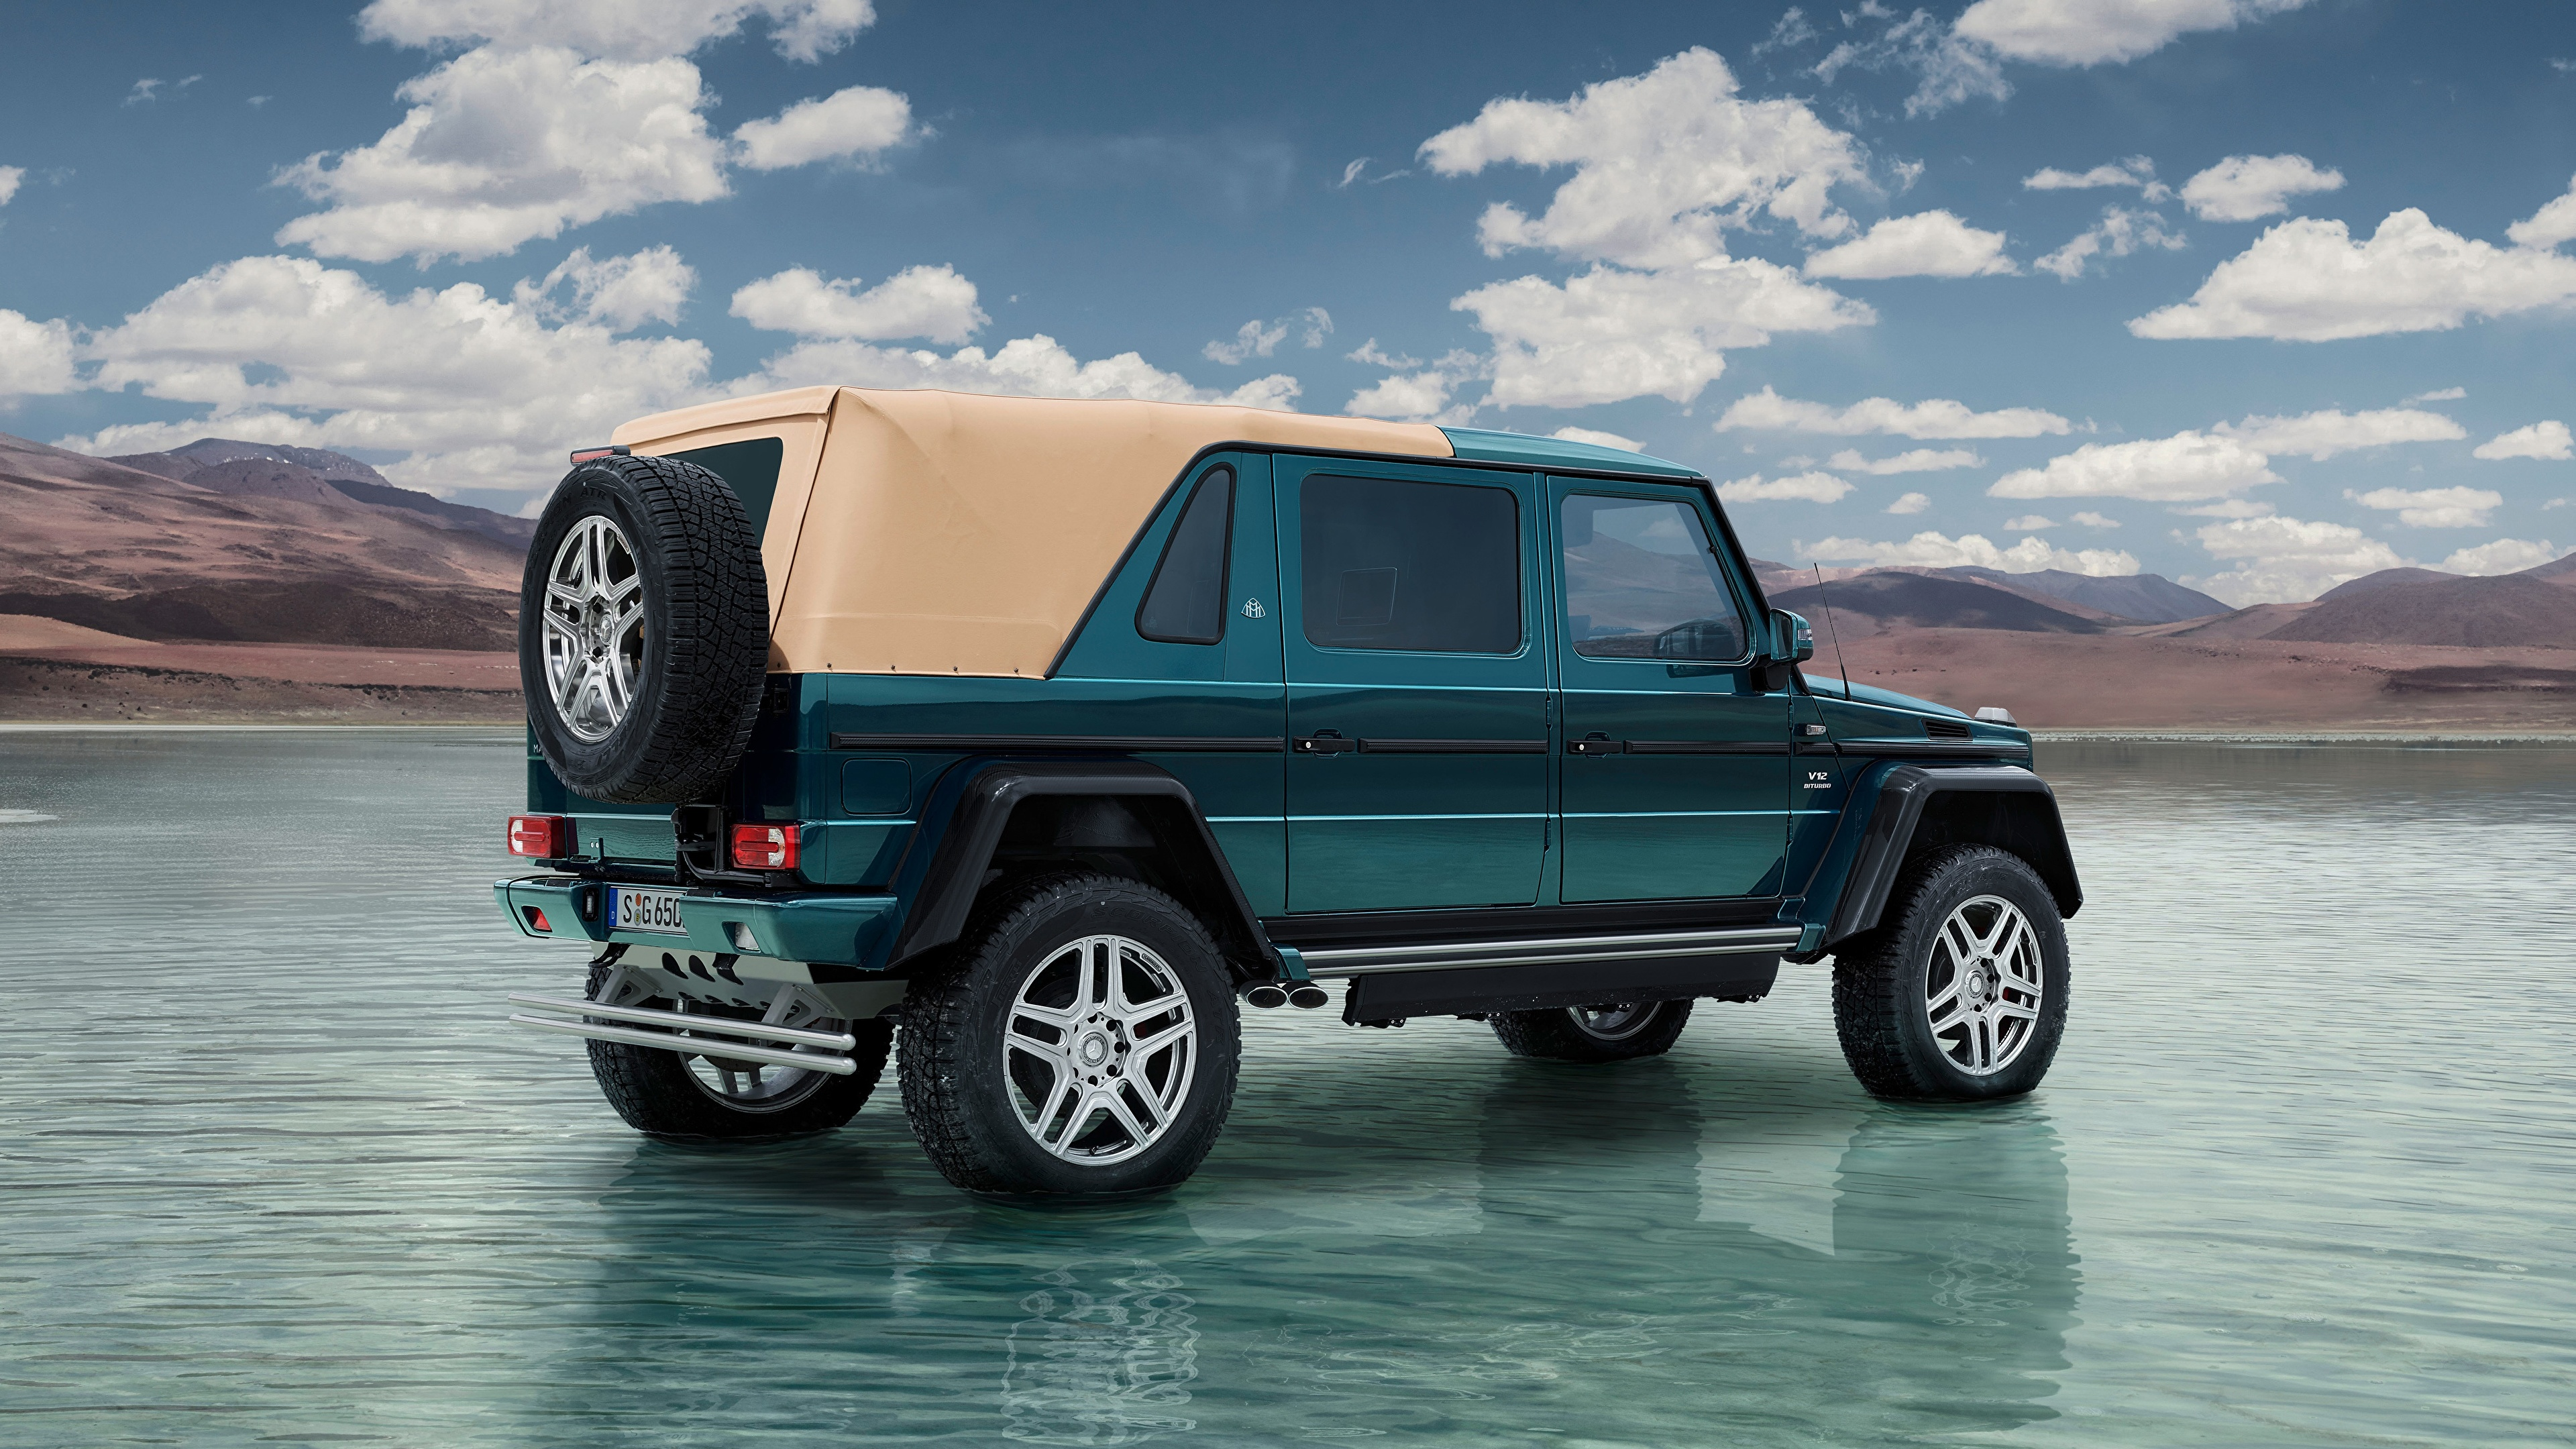 Bilder von Mercedes-Benz G-Klasse SUV Maybach G 650, Landaulet, 2017 auto Wasser Seitlich 3840x2160 G-Modell Sport Utility Vehicle Autos automobil